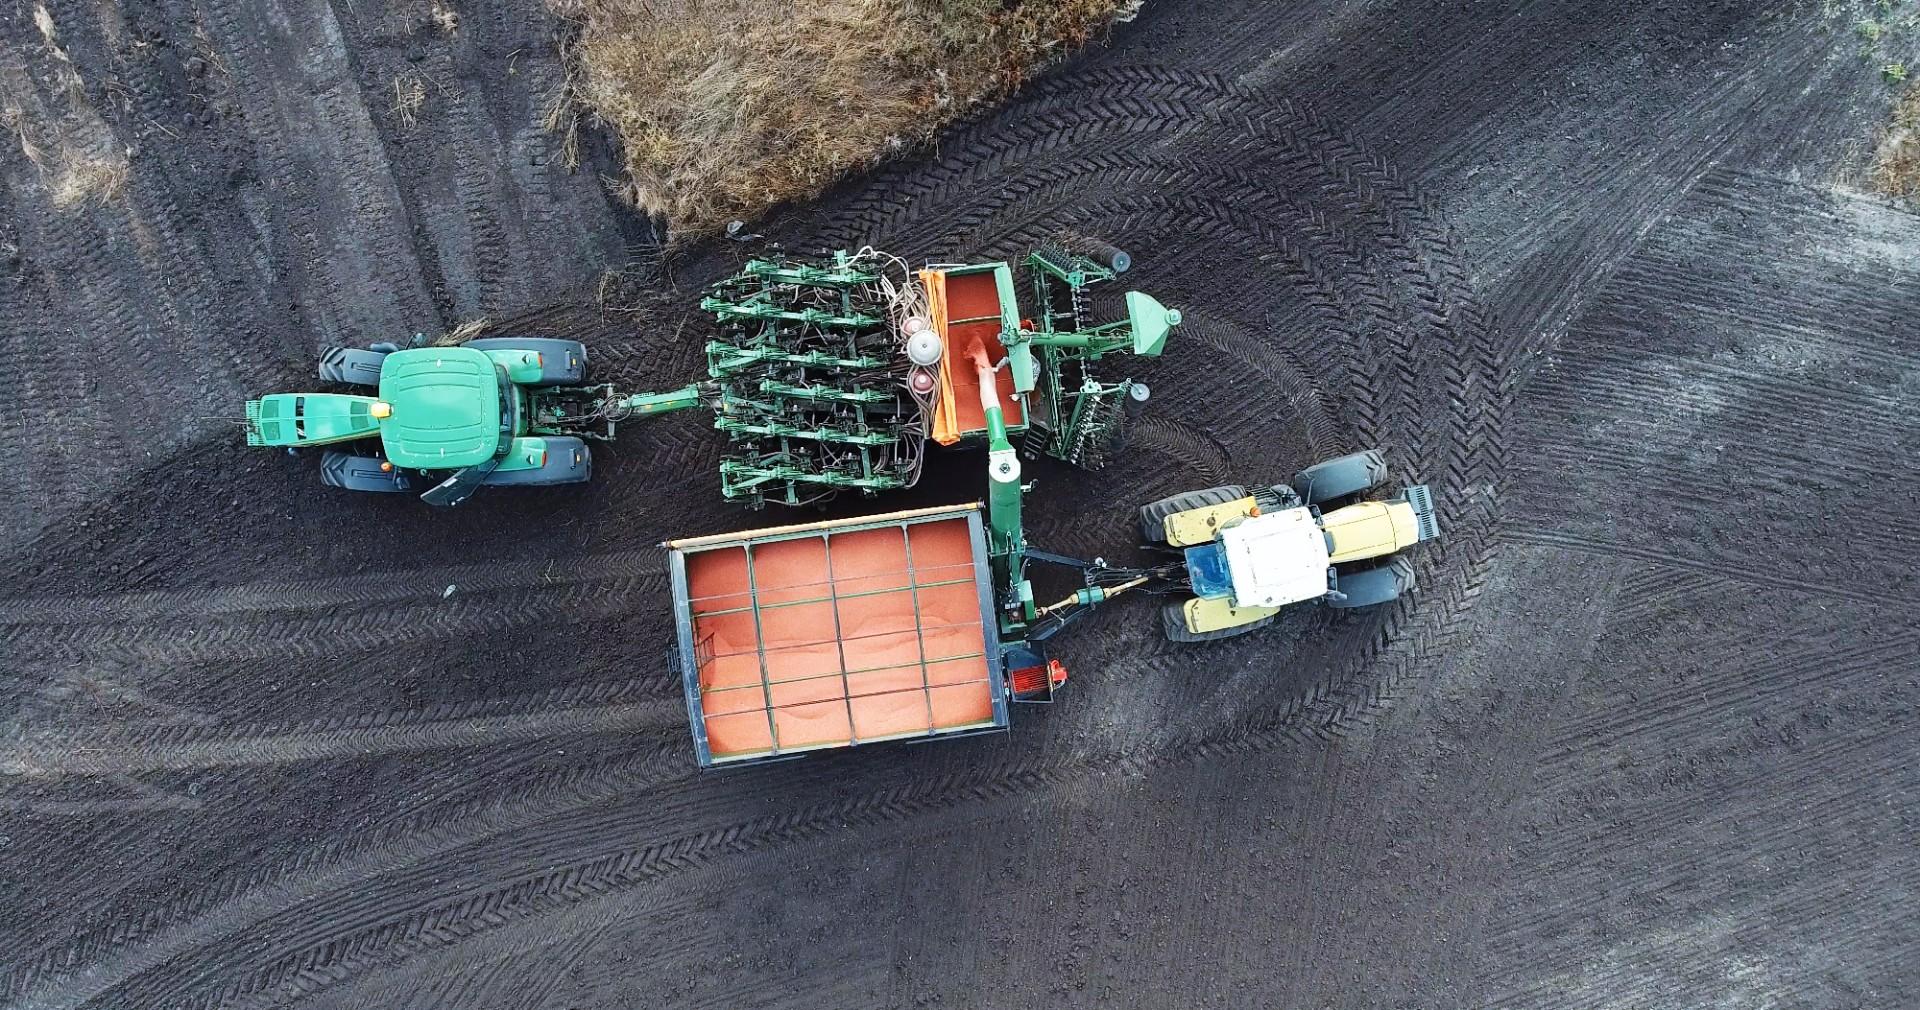 grain-transfer-trailer-25-31-5